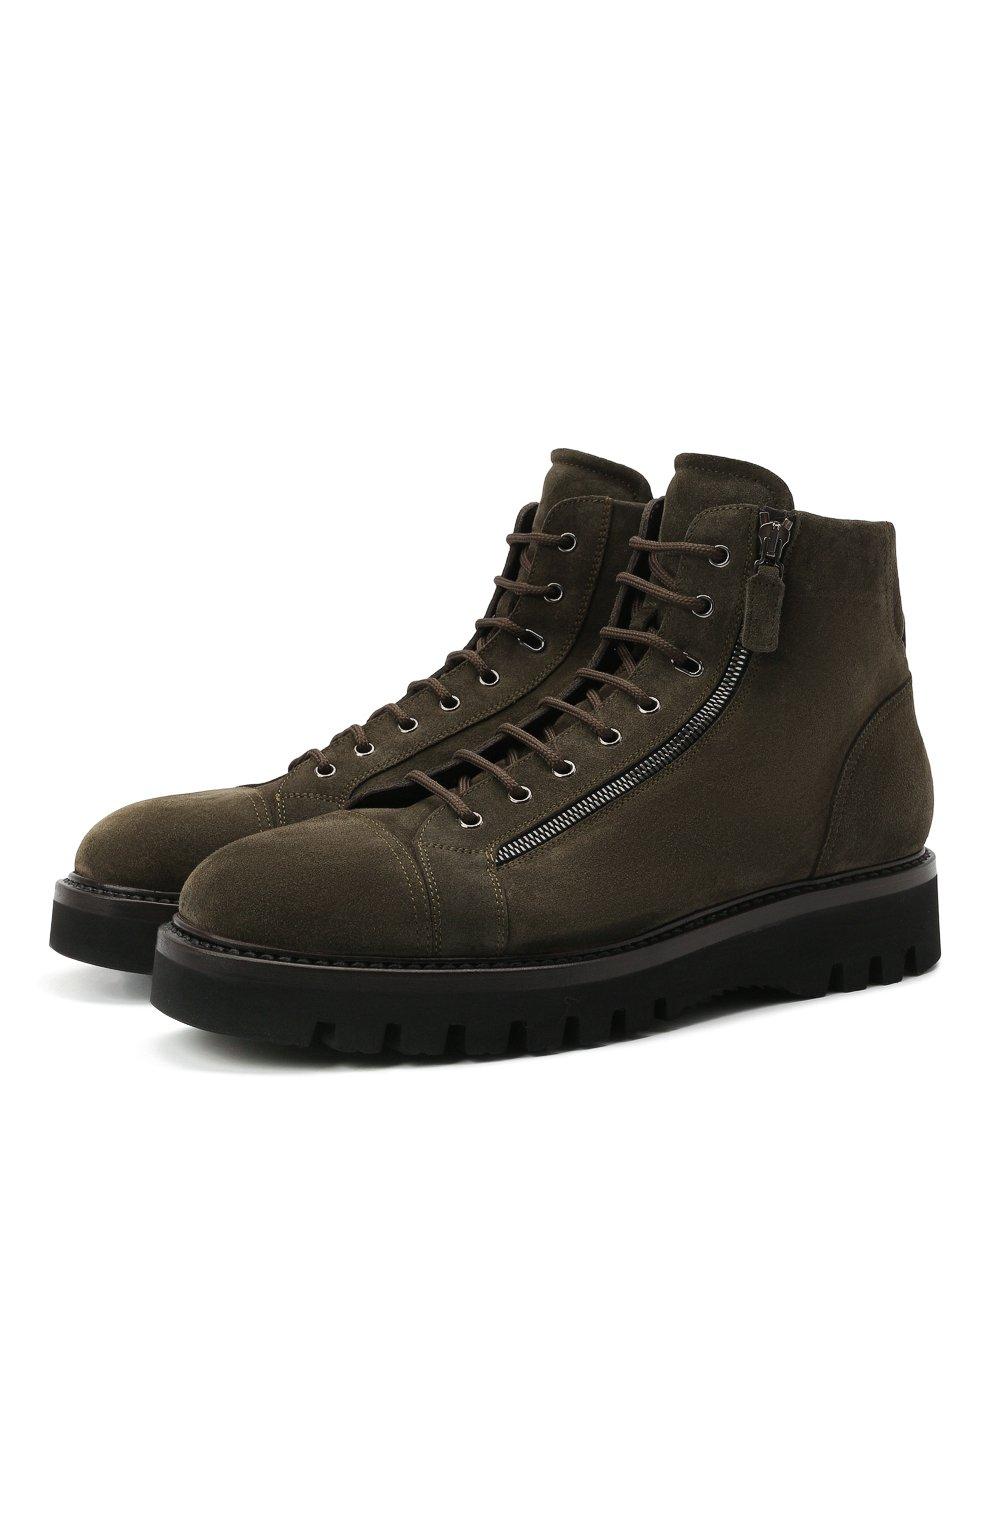 Мужские замшевые ботинки W.GIBBS хаки цвета, арт. 0672001/2576 | Фото 1 (Материал утеплителя: Натуральный мех; Мужское Кросс-КТ: Ботинки-обувь, зимние ботинки; Подошва: Массивная; Материал внешний: Замша)